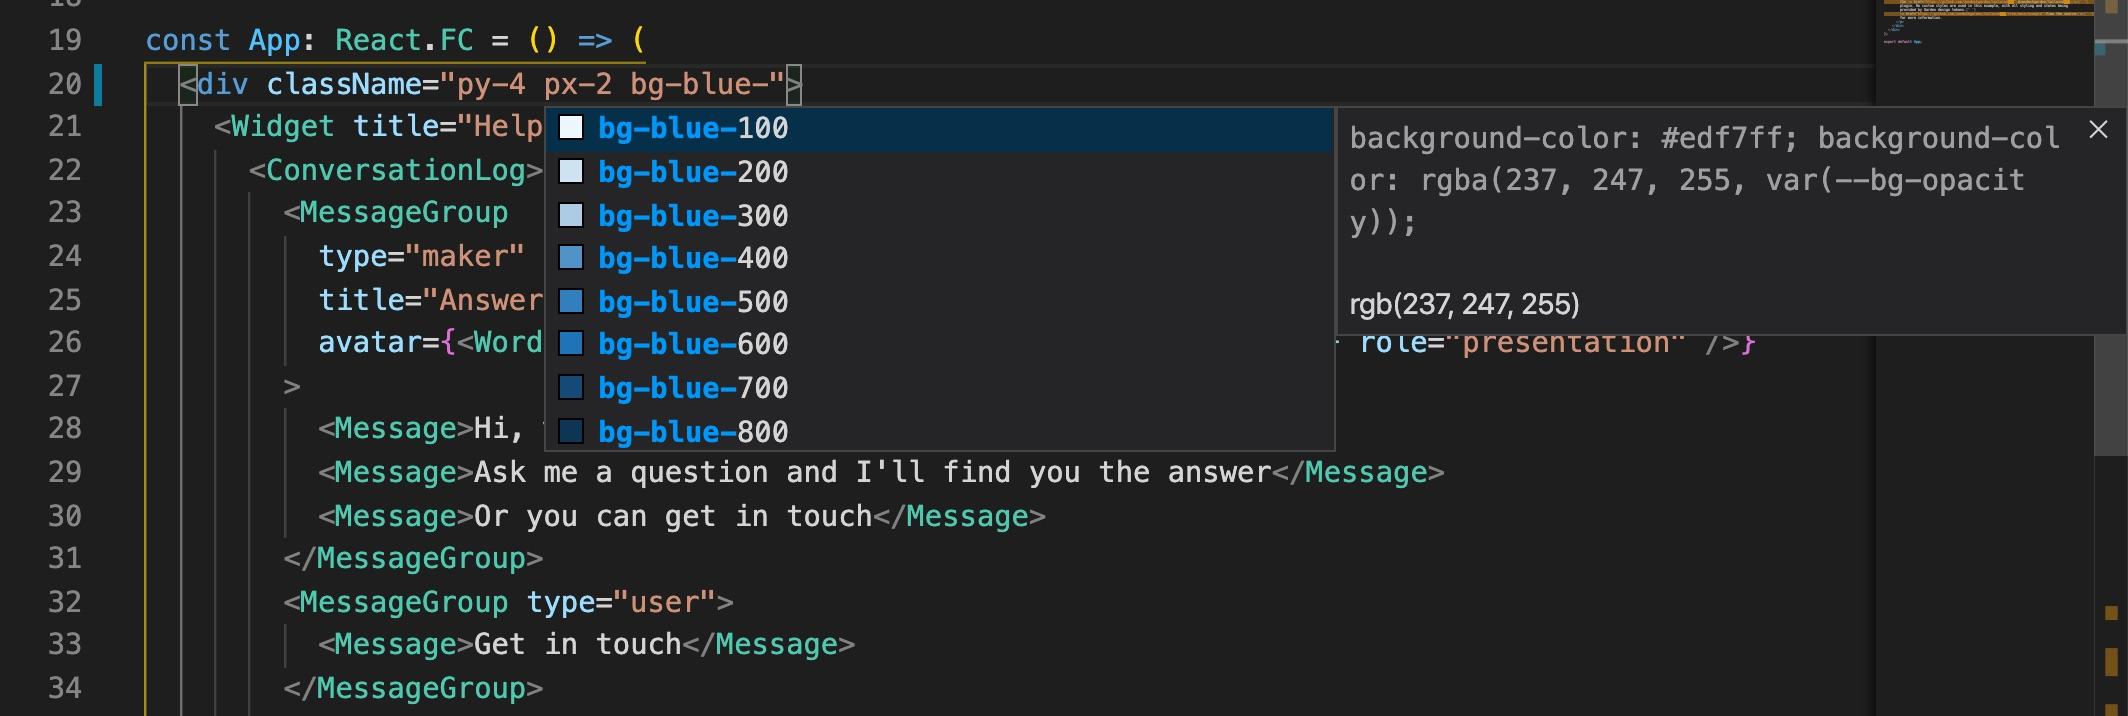 Tailwind CSS IntelliSense plugin example